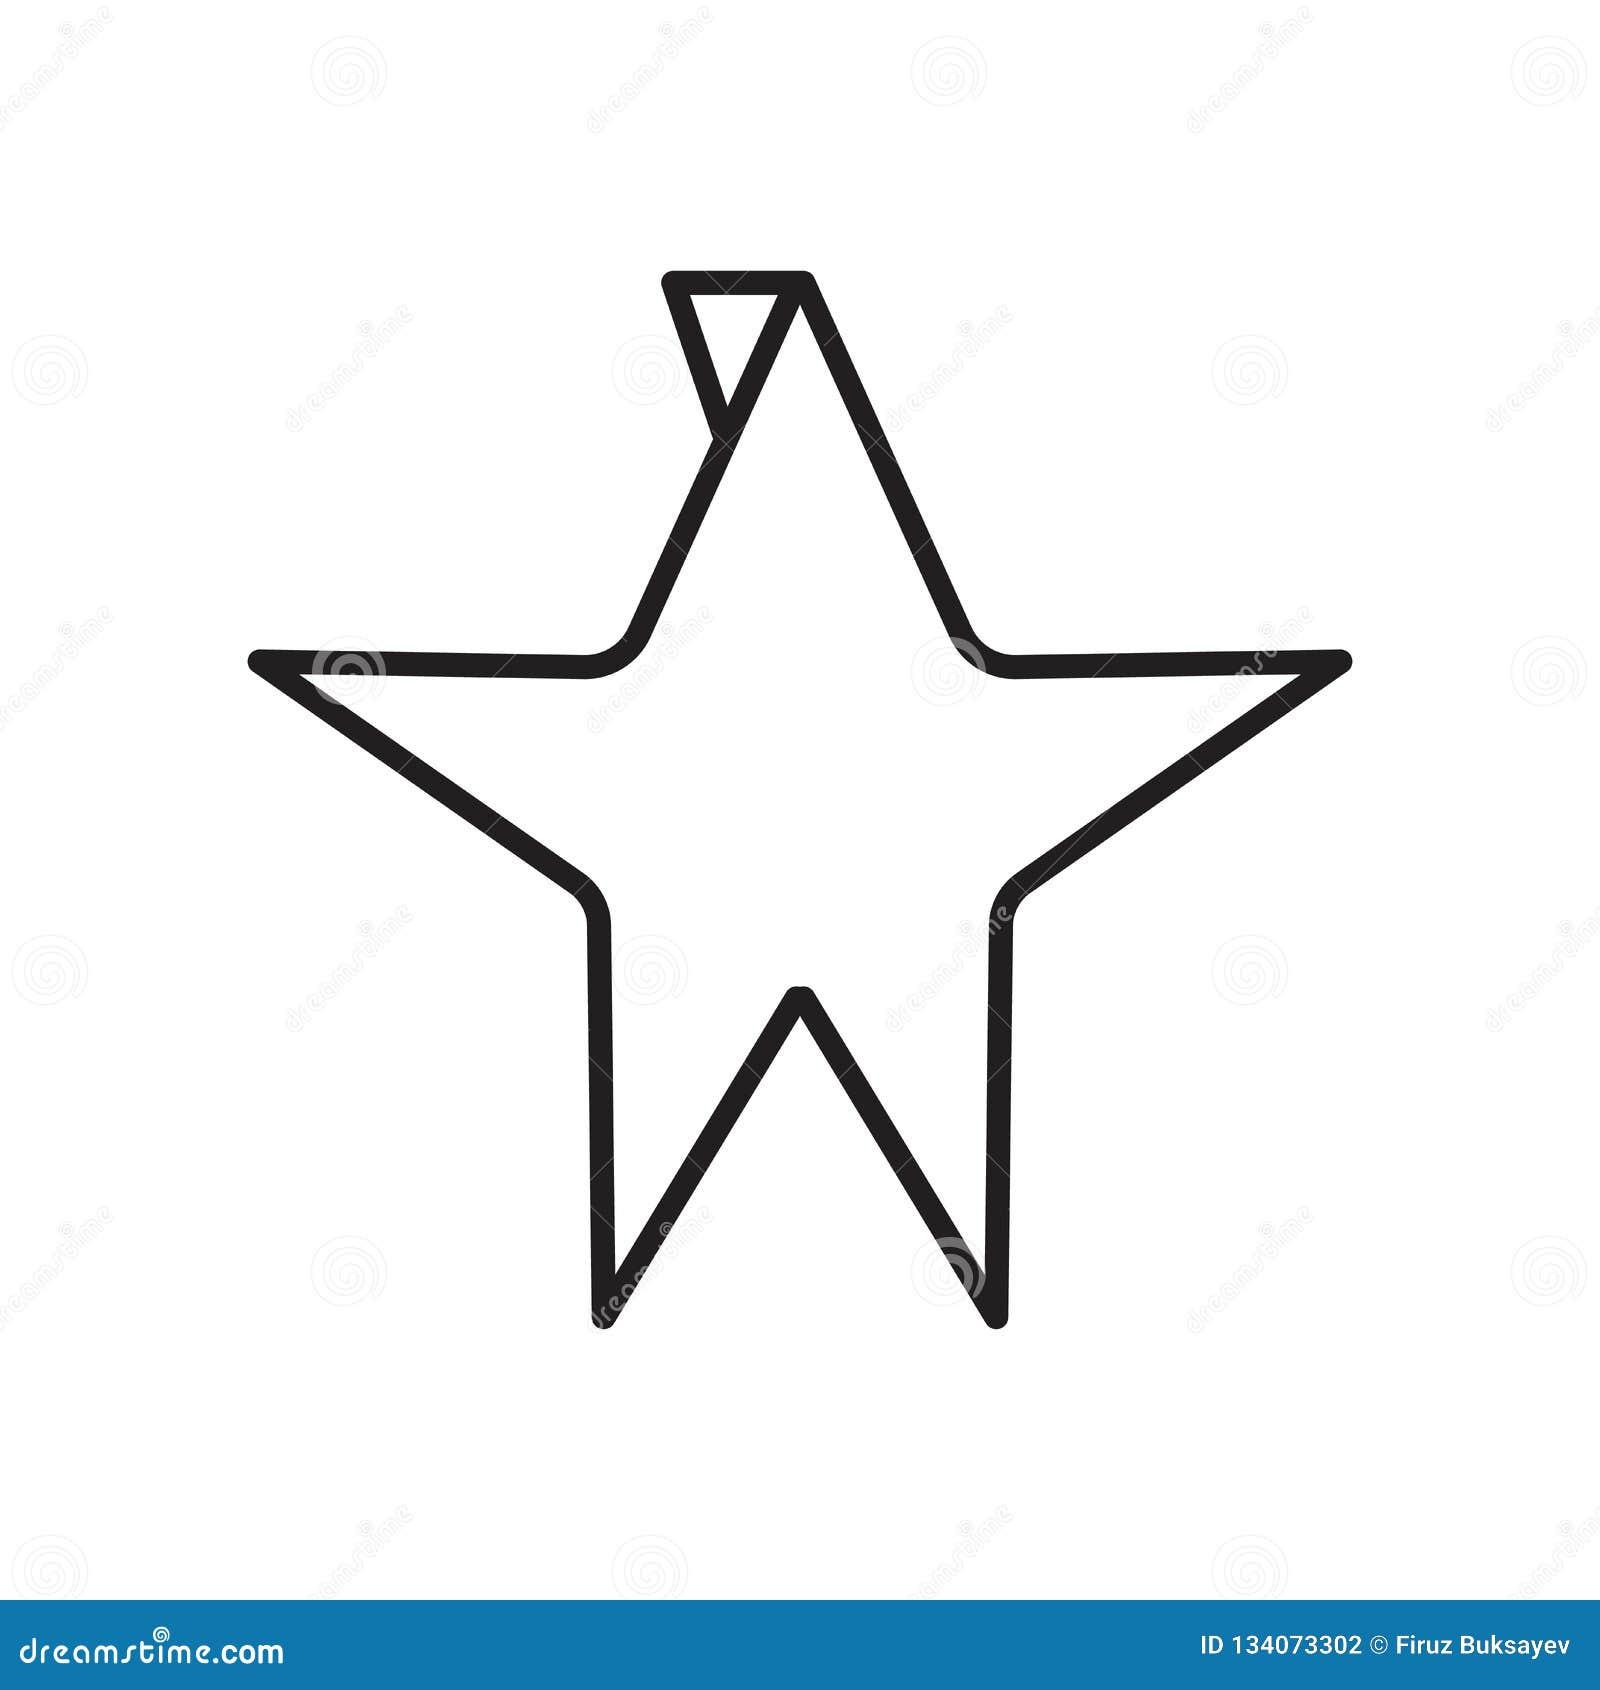 Origami ikony wektor odizolowywający na białym tle, Origami znak, znak i symbole w cienkim liniowym konturze, projektujemy